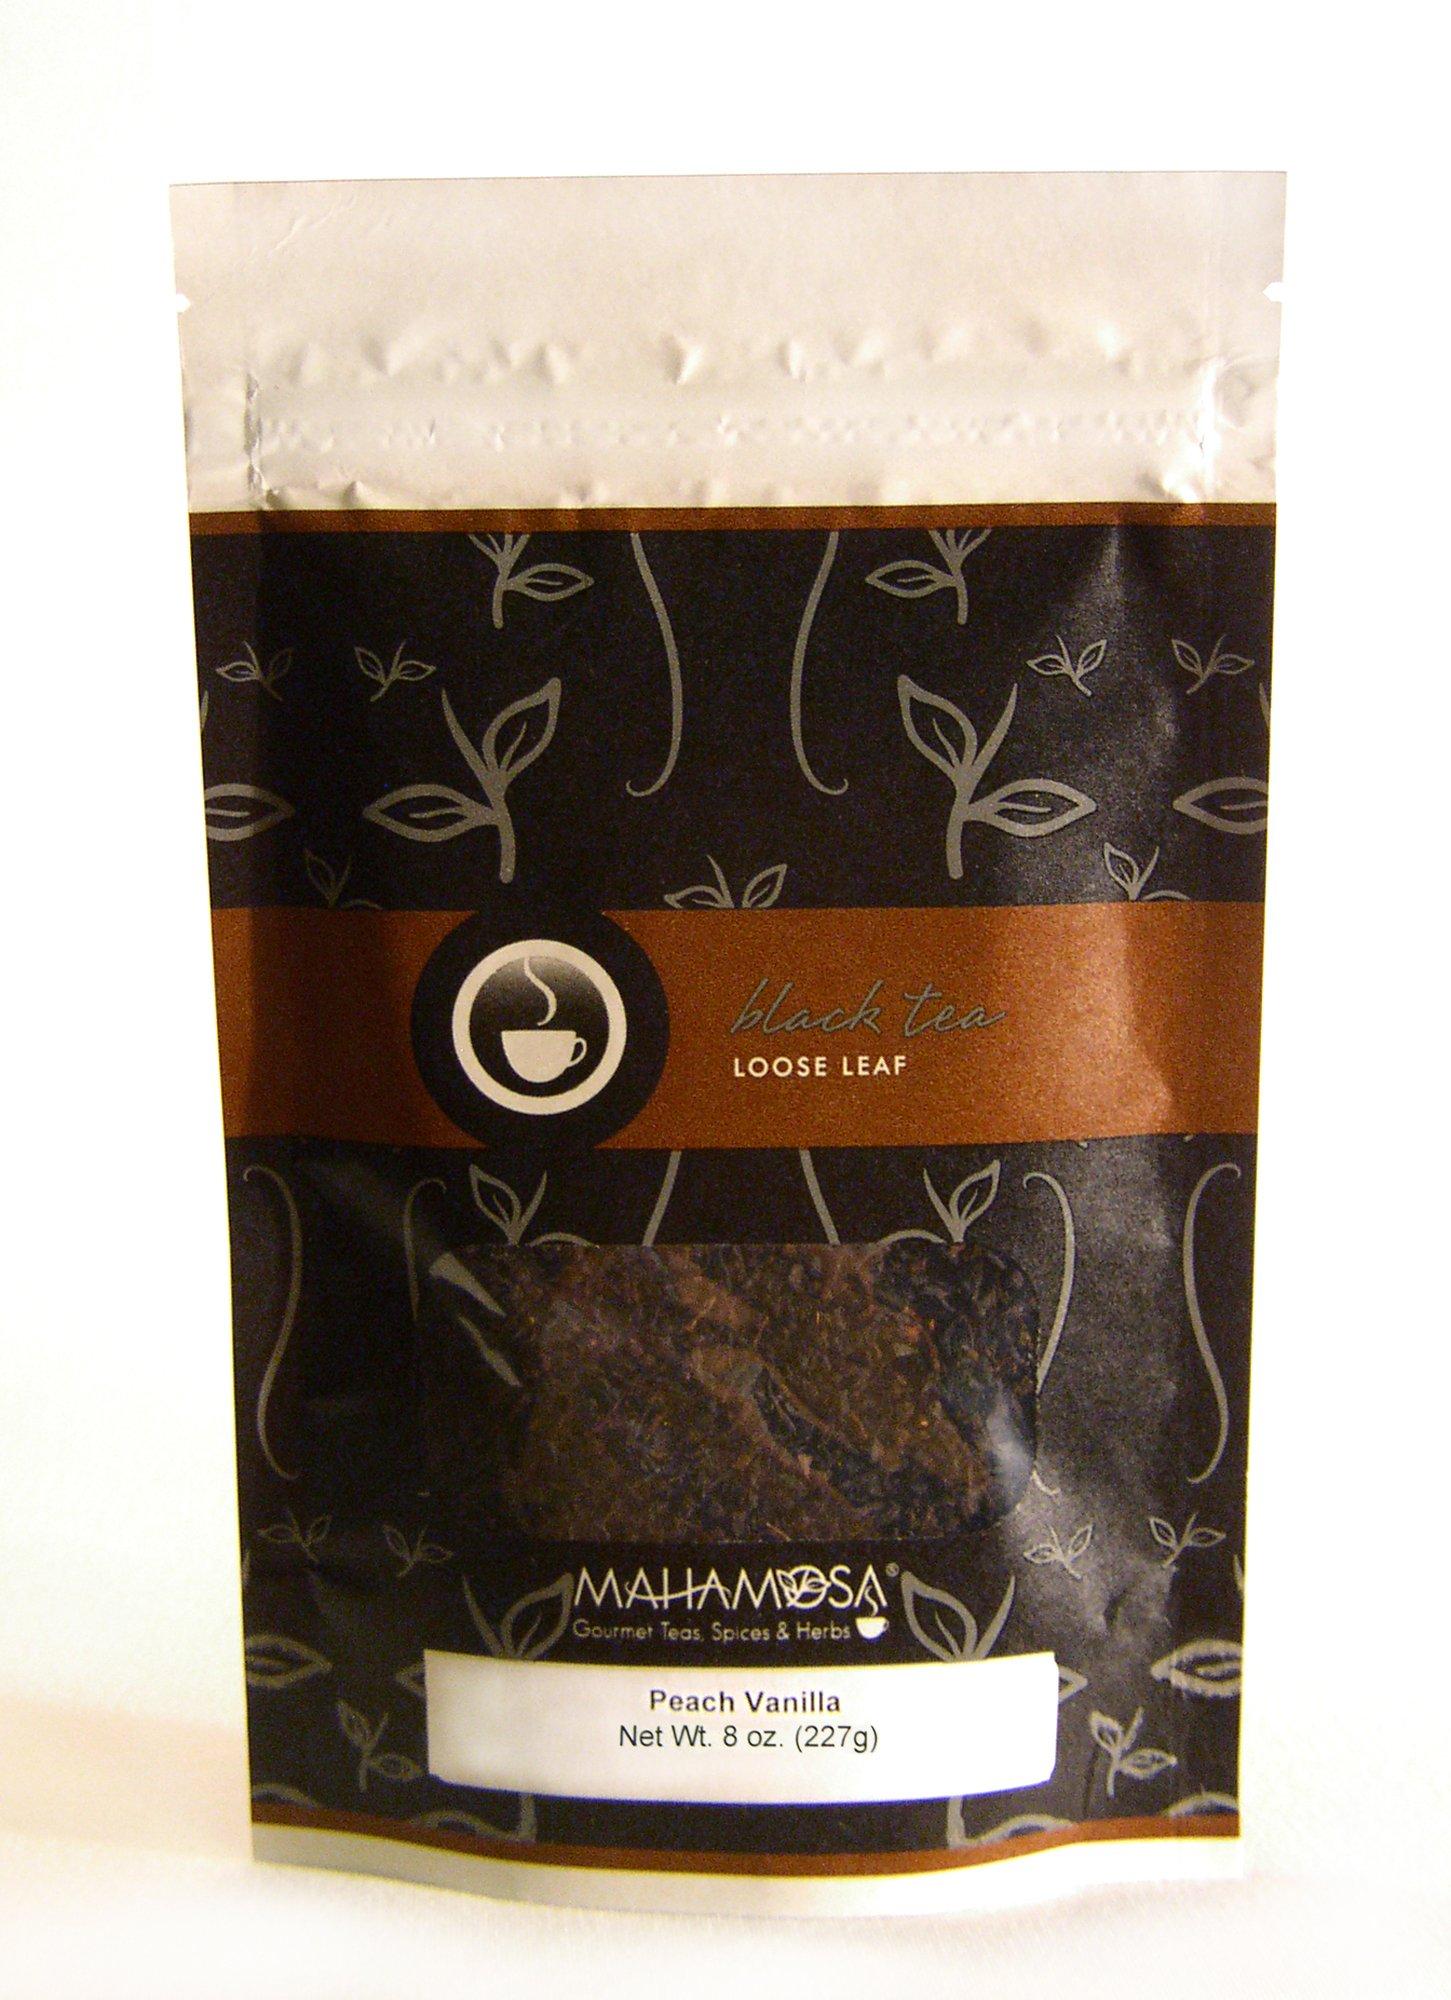 Mahamosa Flavored Black Tea Blend and Tea Infuser Set: 8 oz Peach Vanilla Black Tea, 1 Stainless Steel Tea Ball Infuser (Bundle- 2 items)(Tea Ingredients: Black tea, peach pieces, and vanilla beans with peach and vanilla flavor)